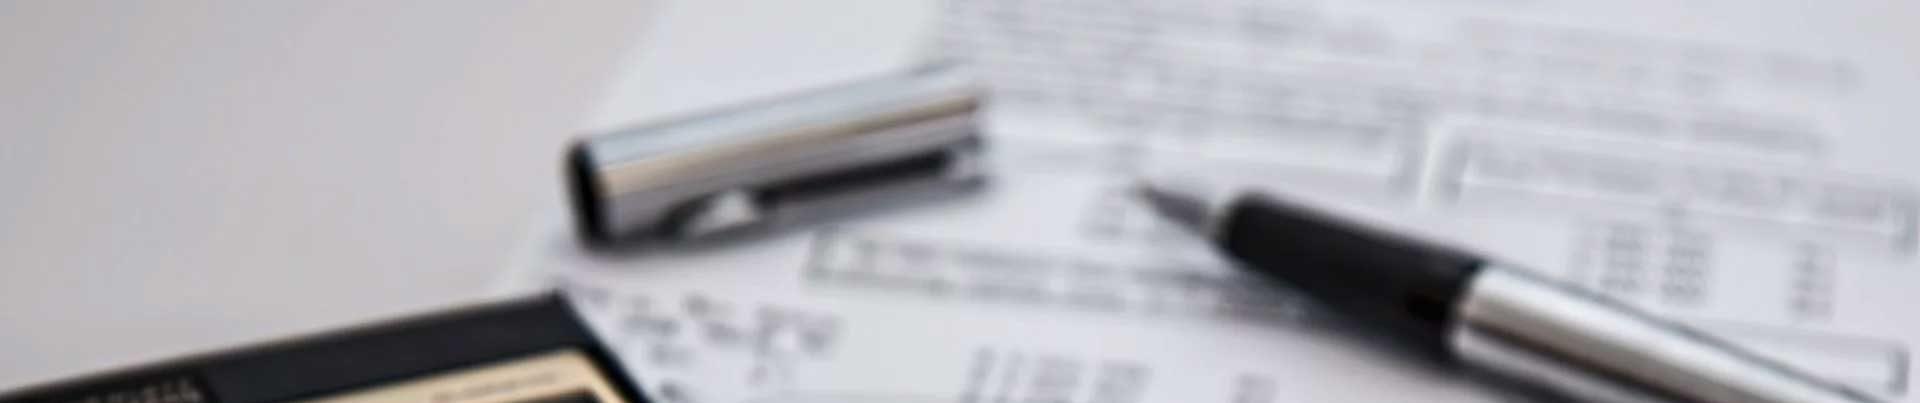 Сатып алу туралы ақпаратты орналастыру тәртібін өзгерту туралы ақпарат